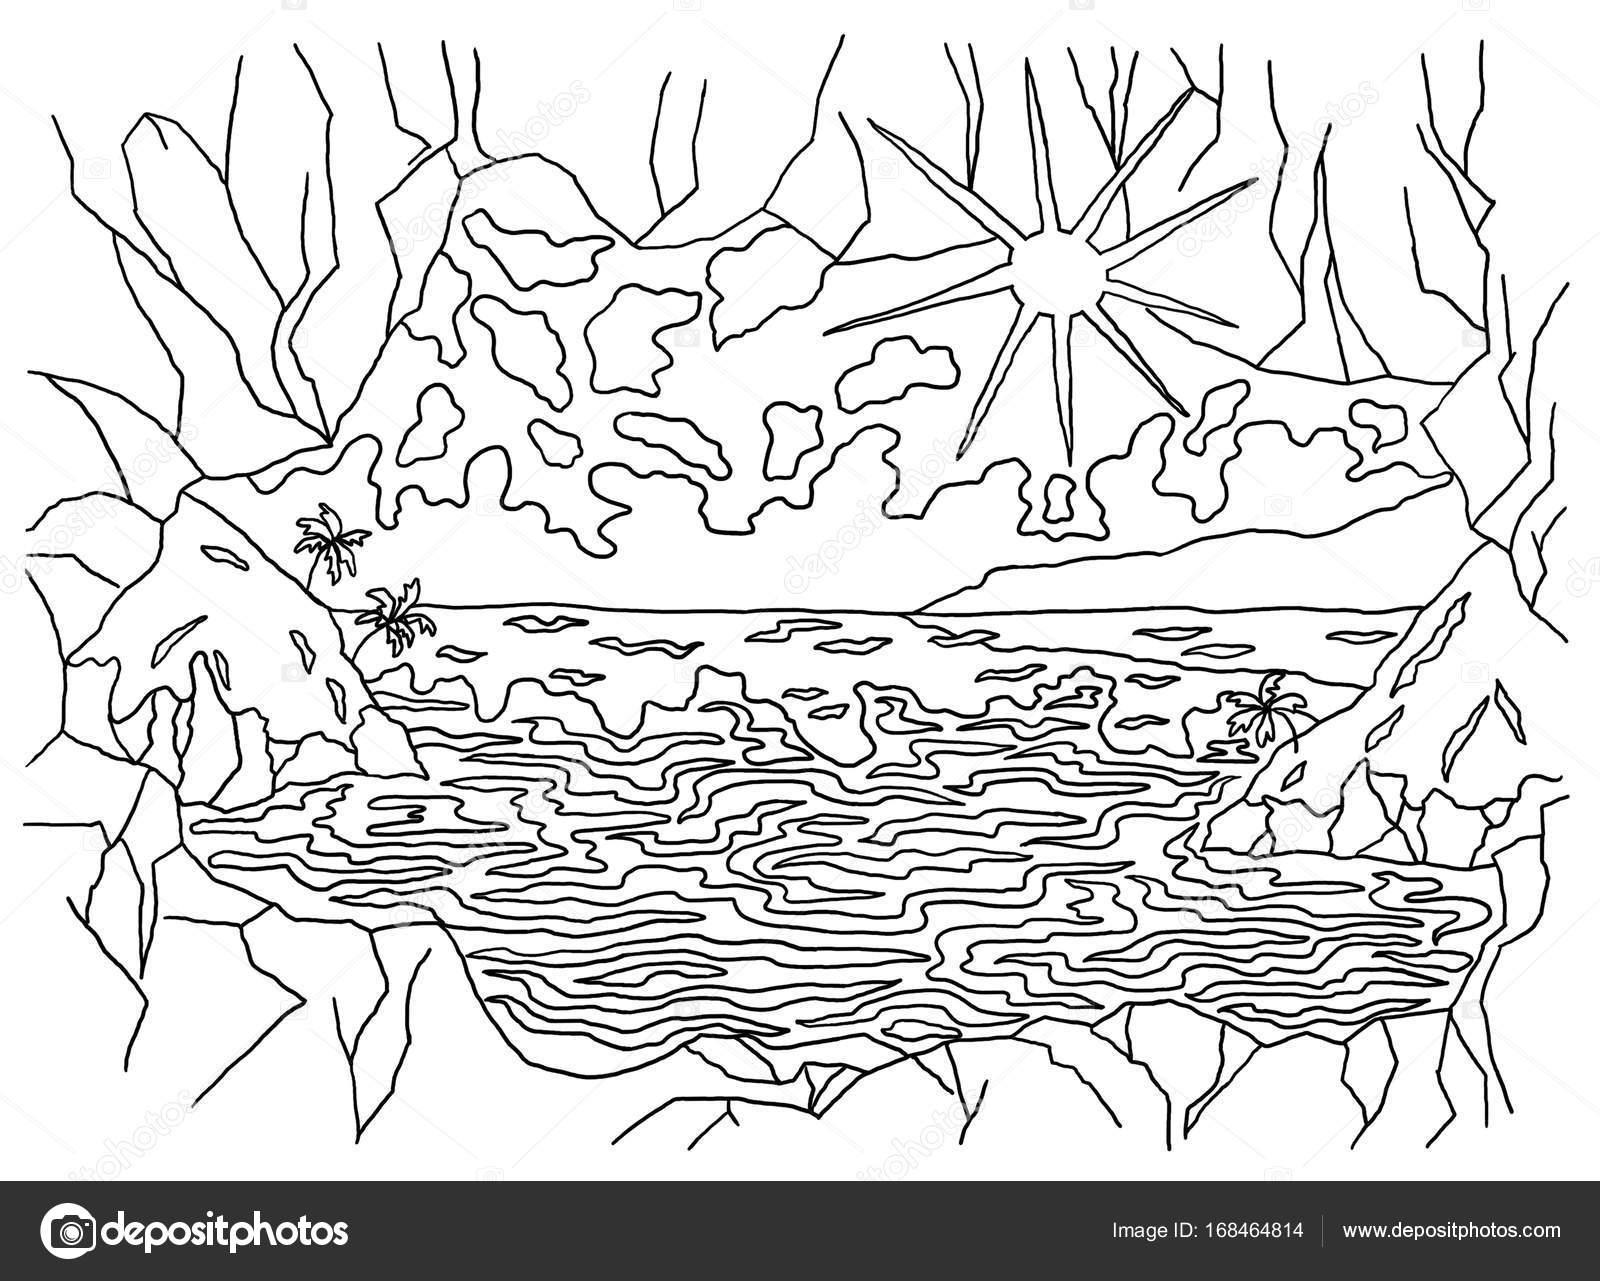 Dibujo De Paisaje Marino Para Colorear: Livros De Colorir Para Crianças E Adultos. Uma Imagem Da